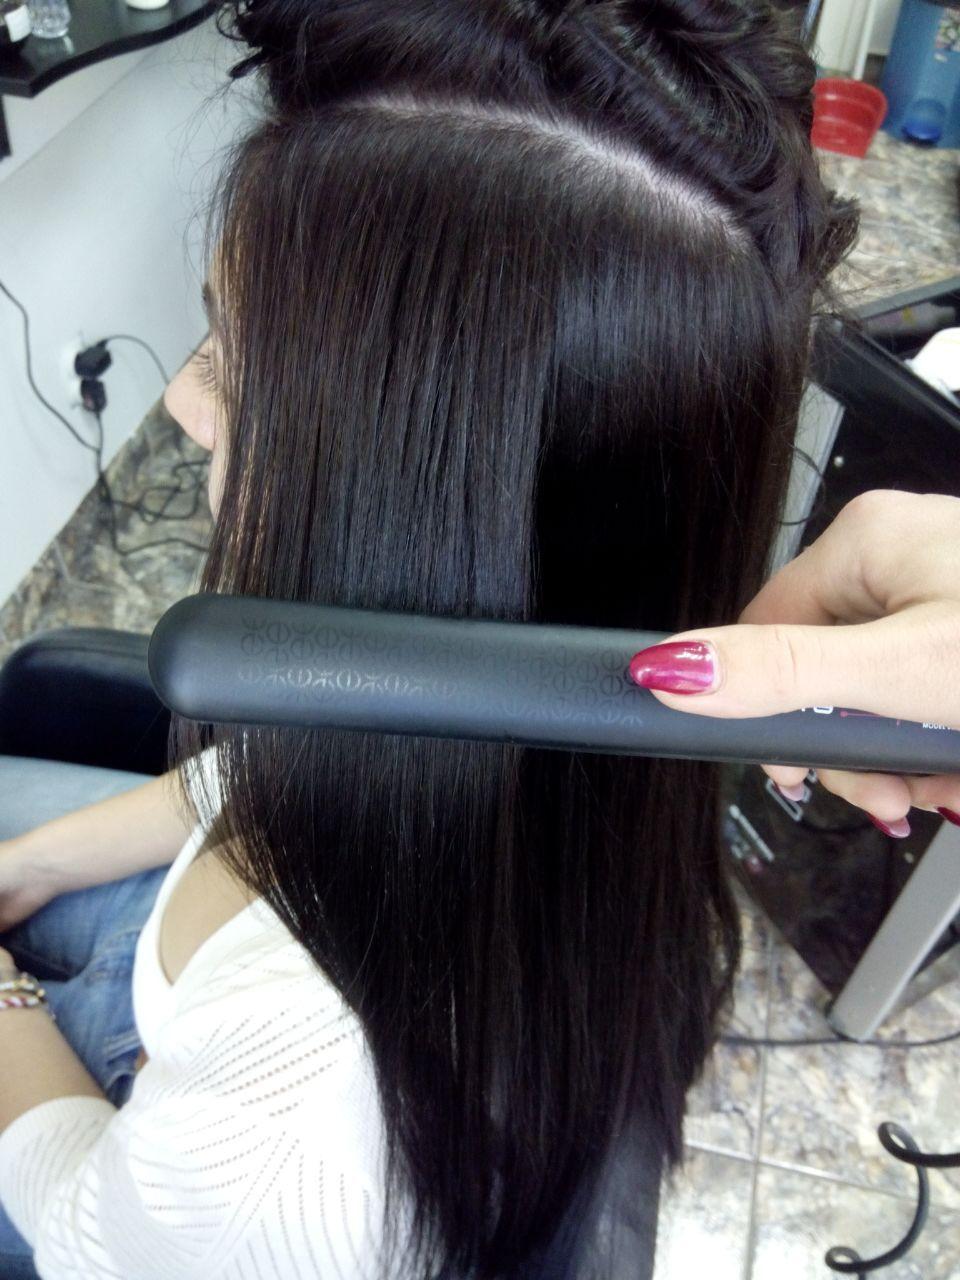 Ceramic Vs Titanium Flat Irons Which Are Better Top 10 Hair Straighteners Hair Straightener Hair Straightner